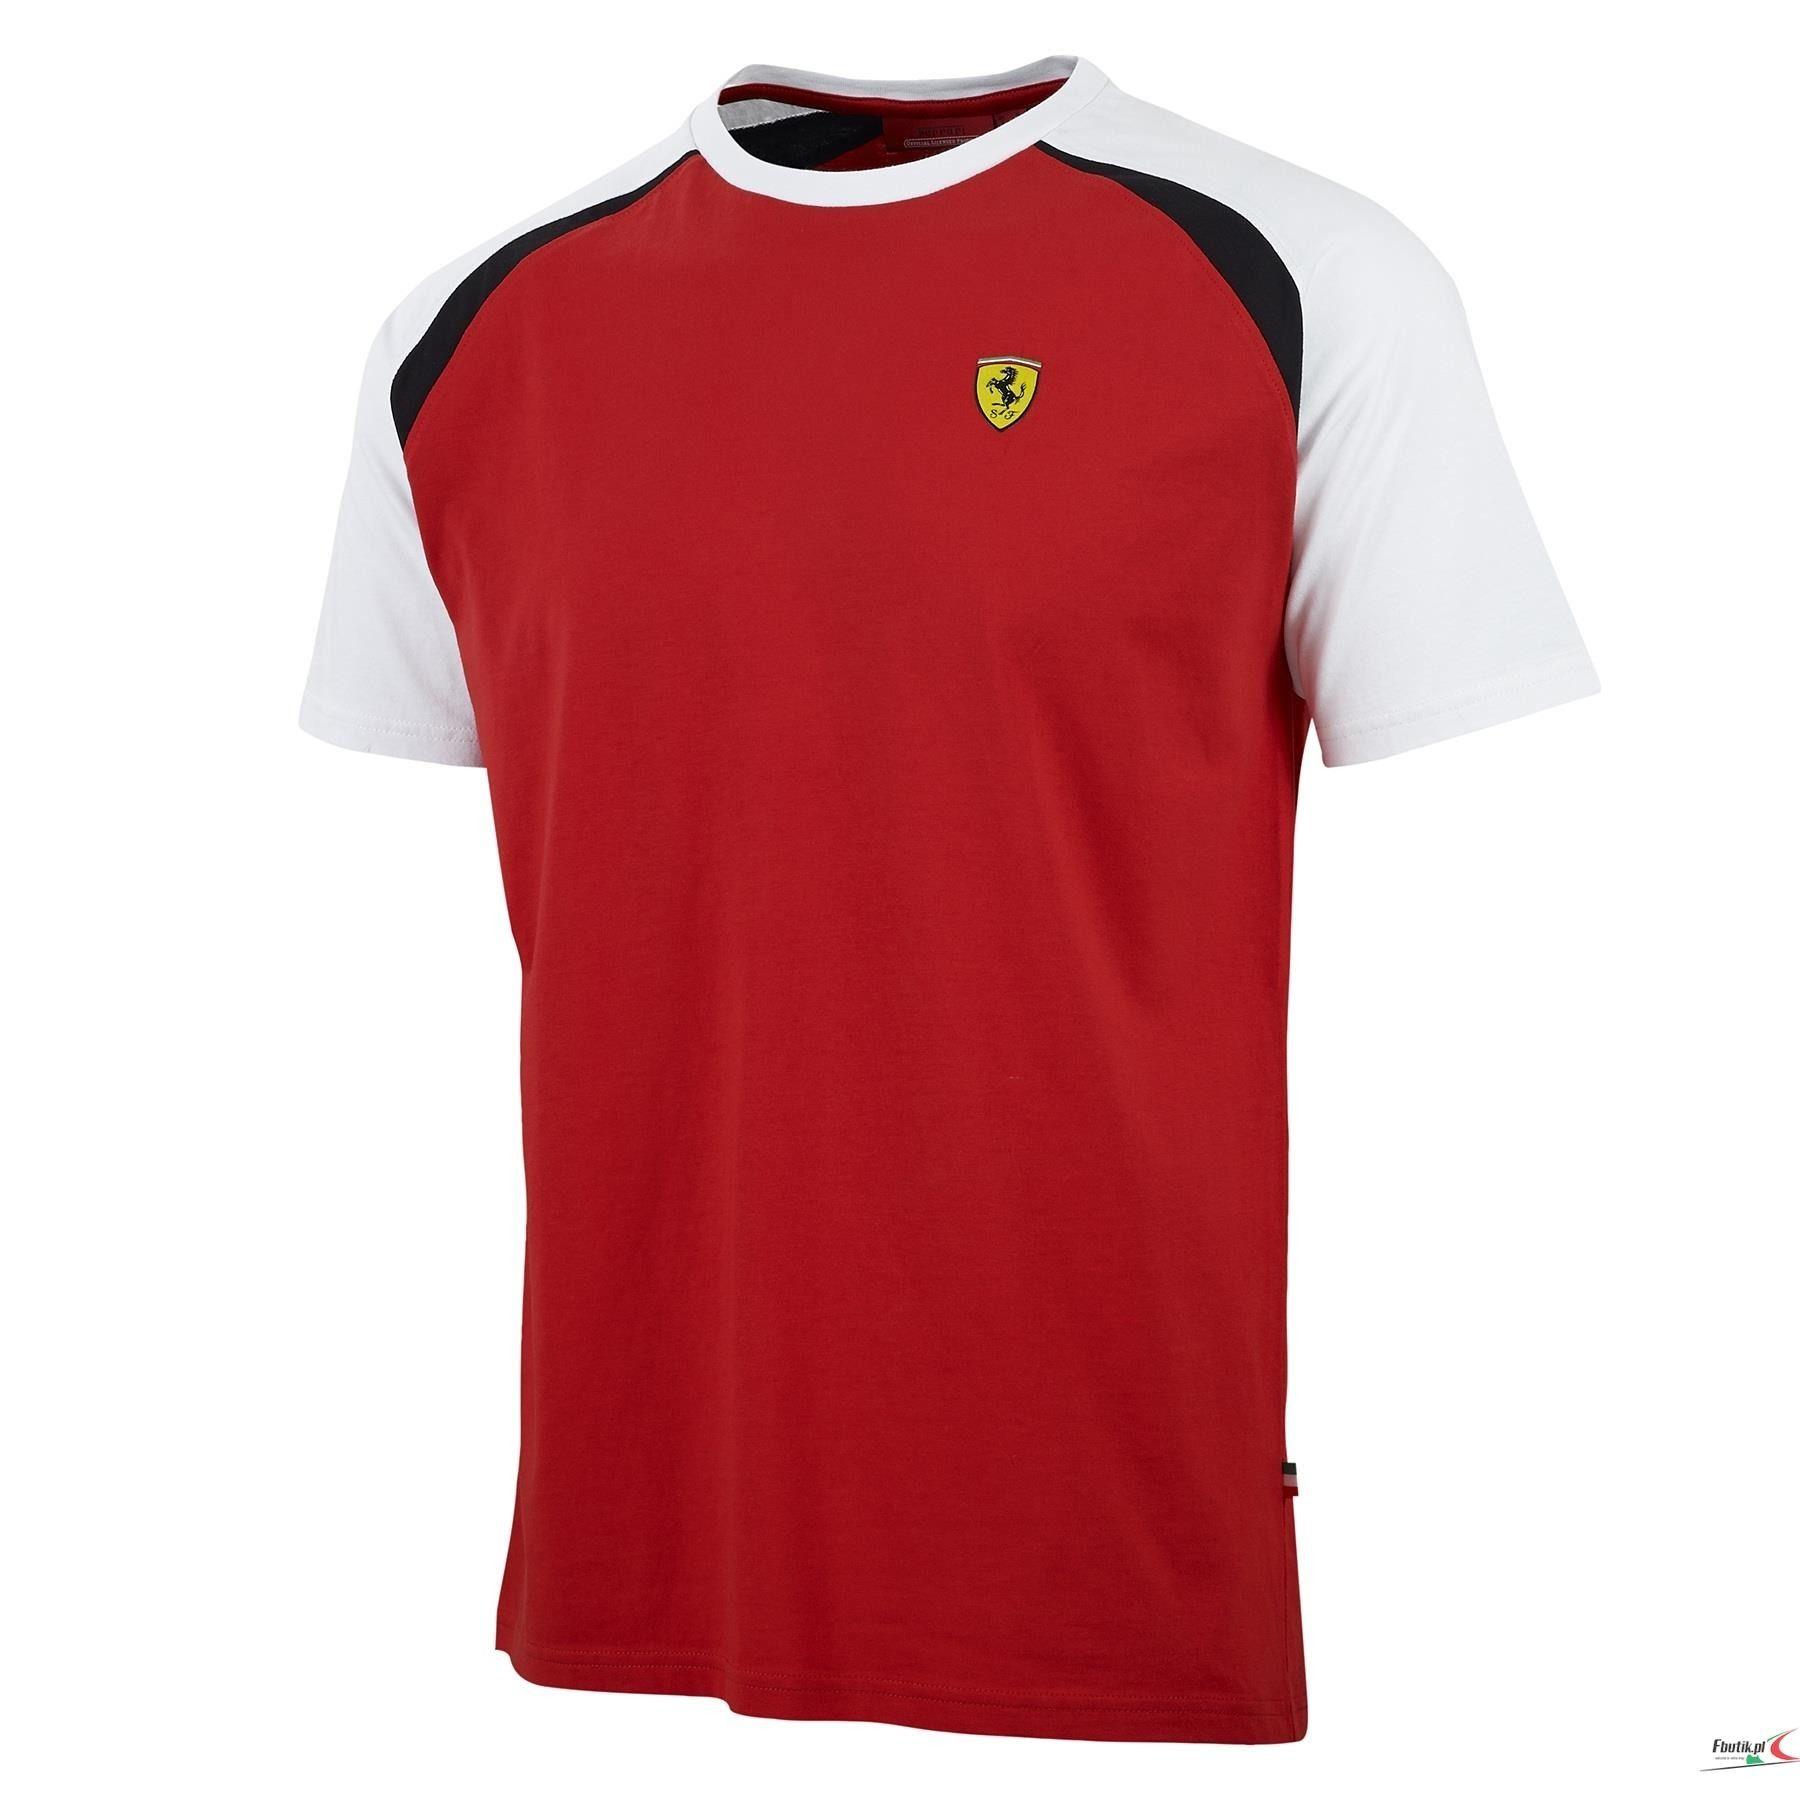 Koszulka Ferrari Race Crew Neck Tee - Red CZERWONY   FERRARI MEN \ T-SHIRT   Fbutik   Scuderia Ferrari Collection